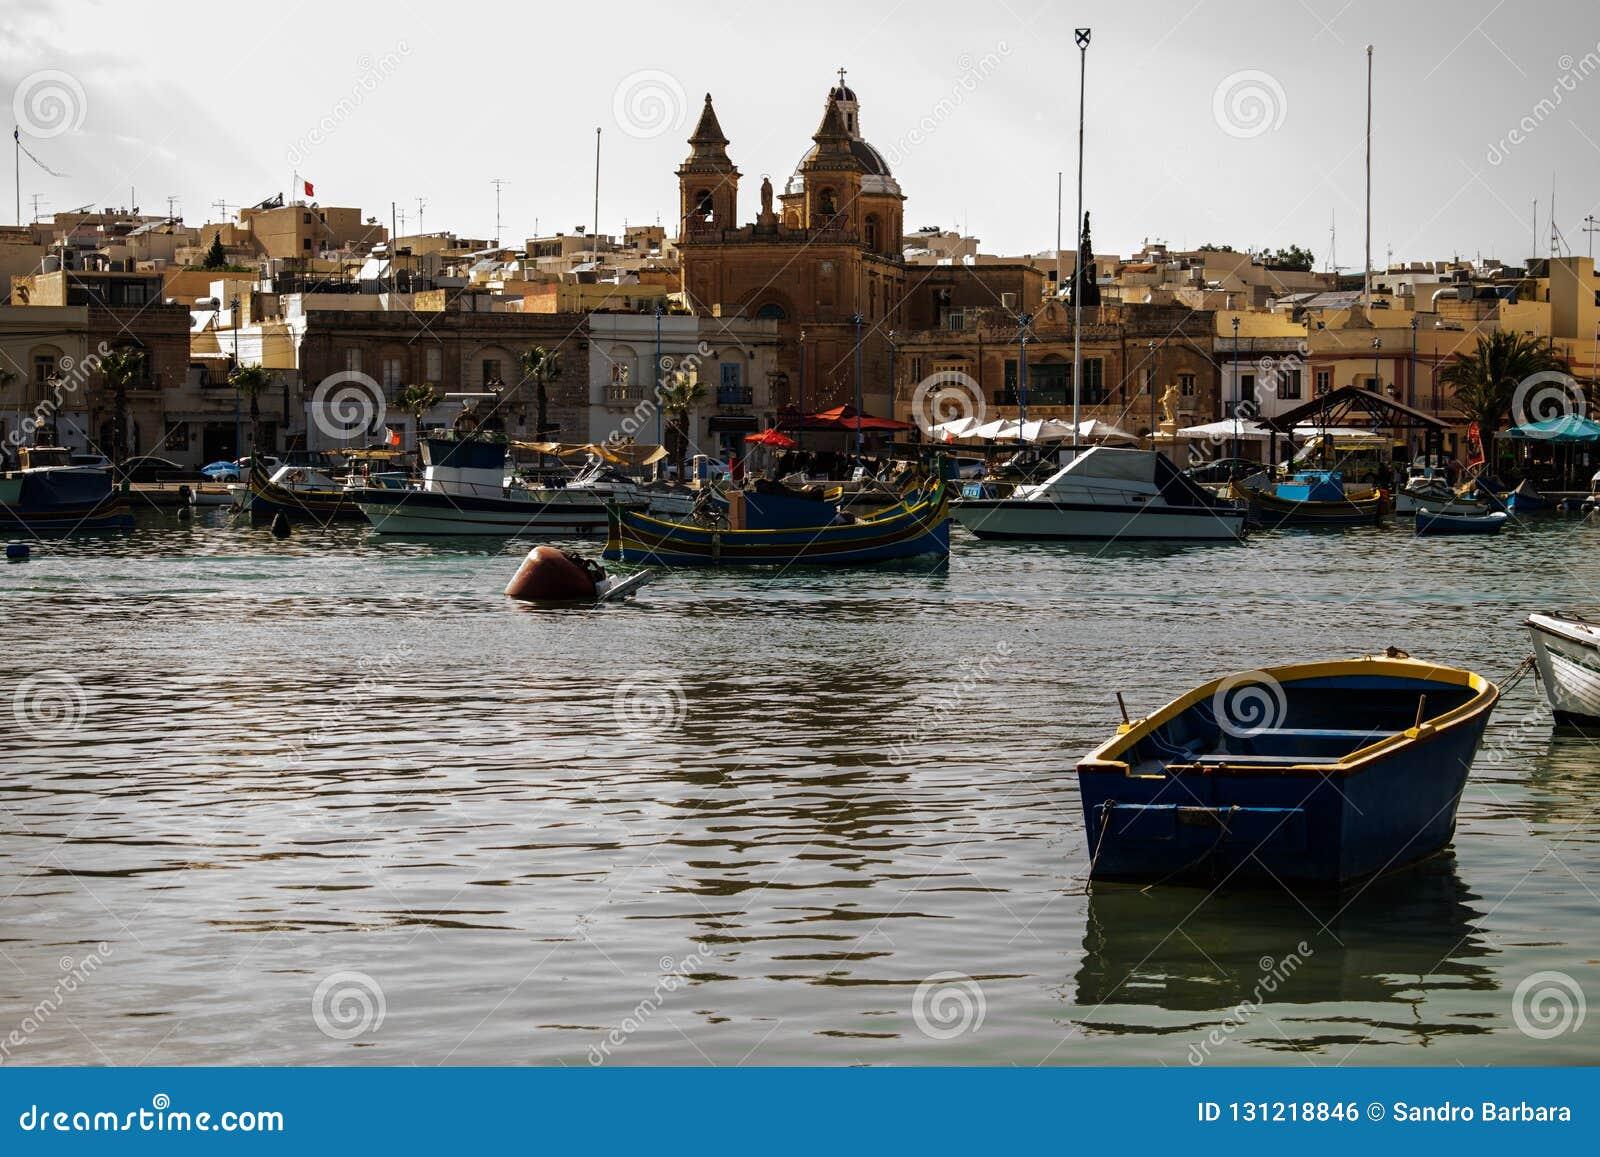 Το παραδοσιακό ψαροχώρι Marsaxlokk στη Μάλτα